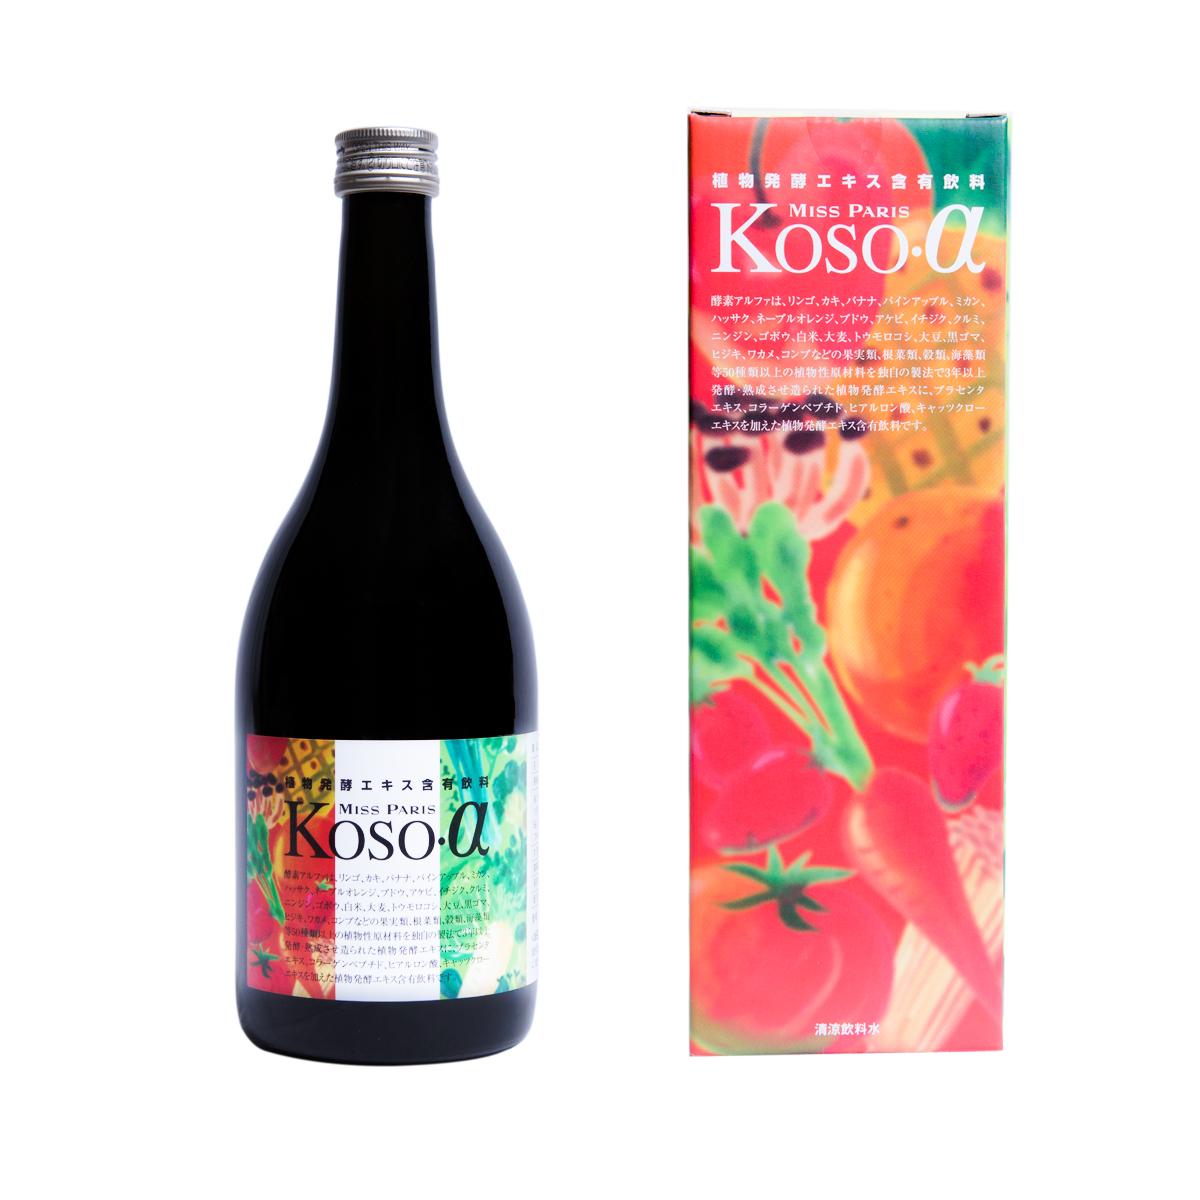 KOSOα 植物発酵エキス含有ドリンク ヒアルロン酸 酵素 ファスティング 断食 ダイエット 引き締め 糖質制限 プラセンタ お腹 コラーゲン ペプチド 酵素ドリンク 糖質 低糖質